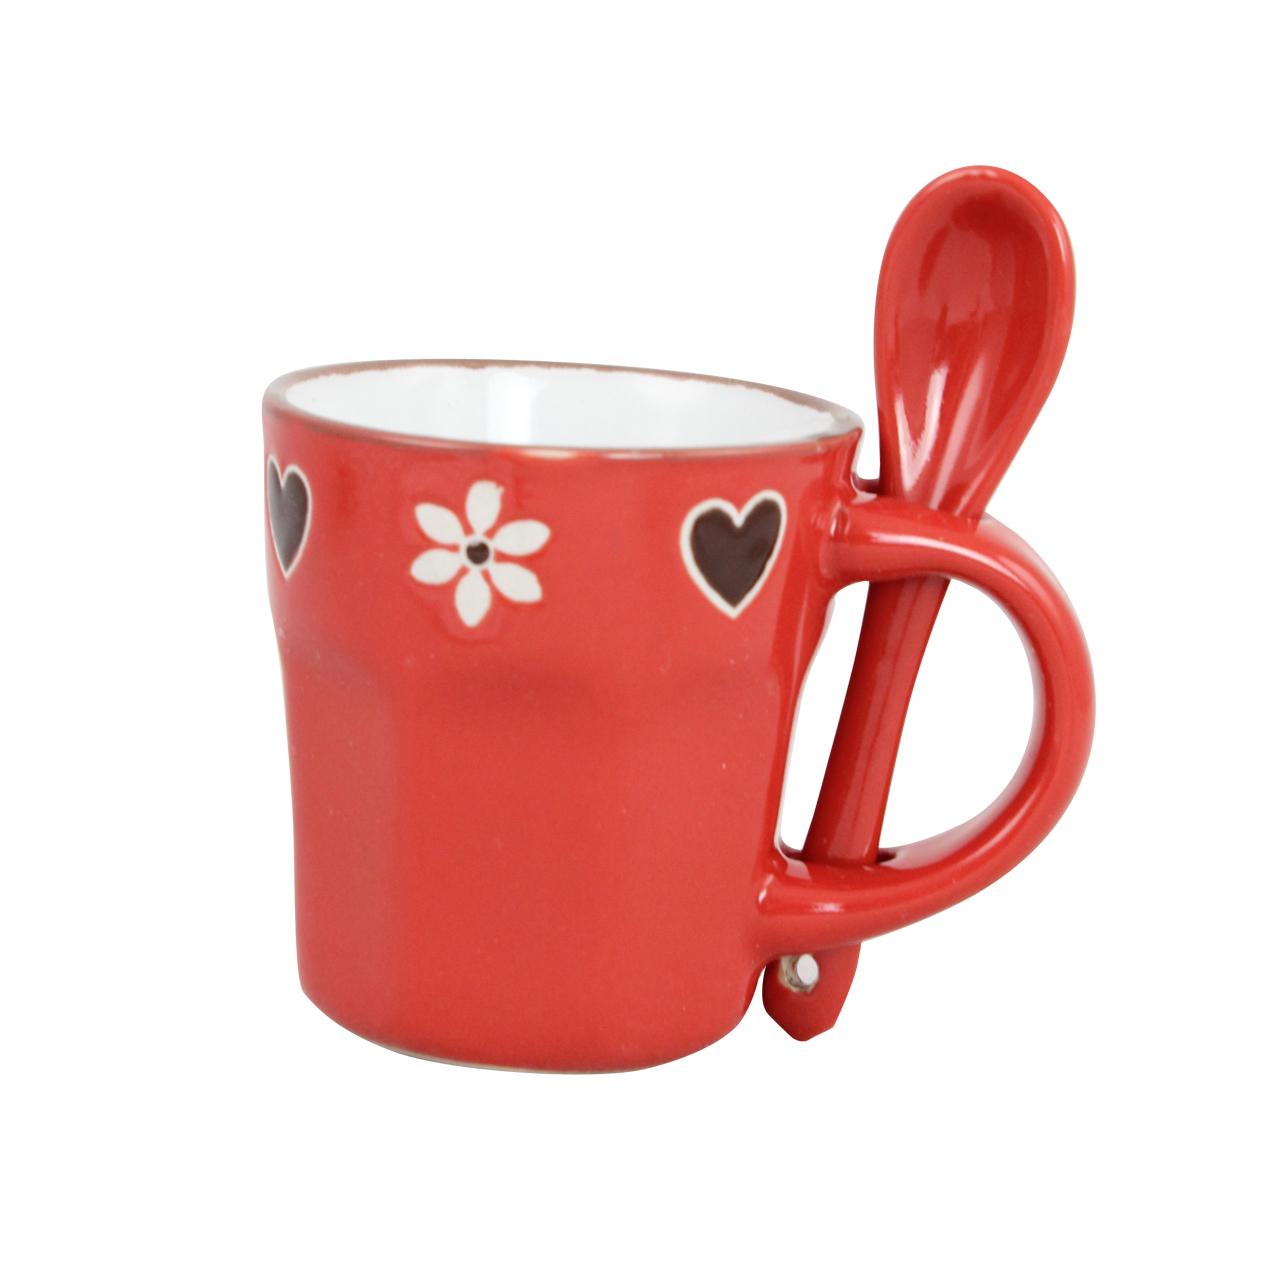 Cana Cu Lingurita Din Ceramica Rosie 6 Cm